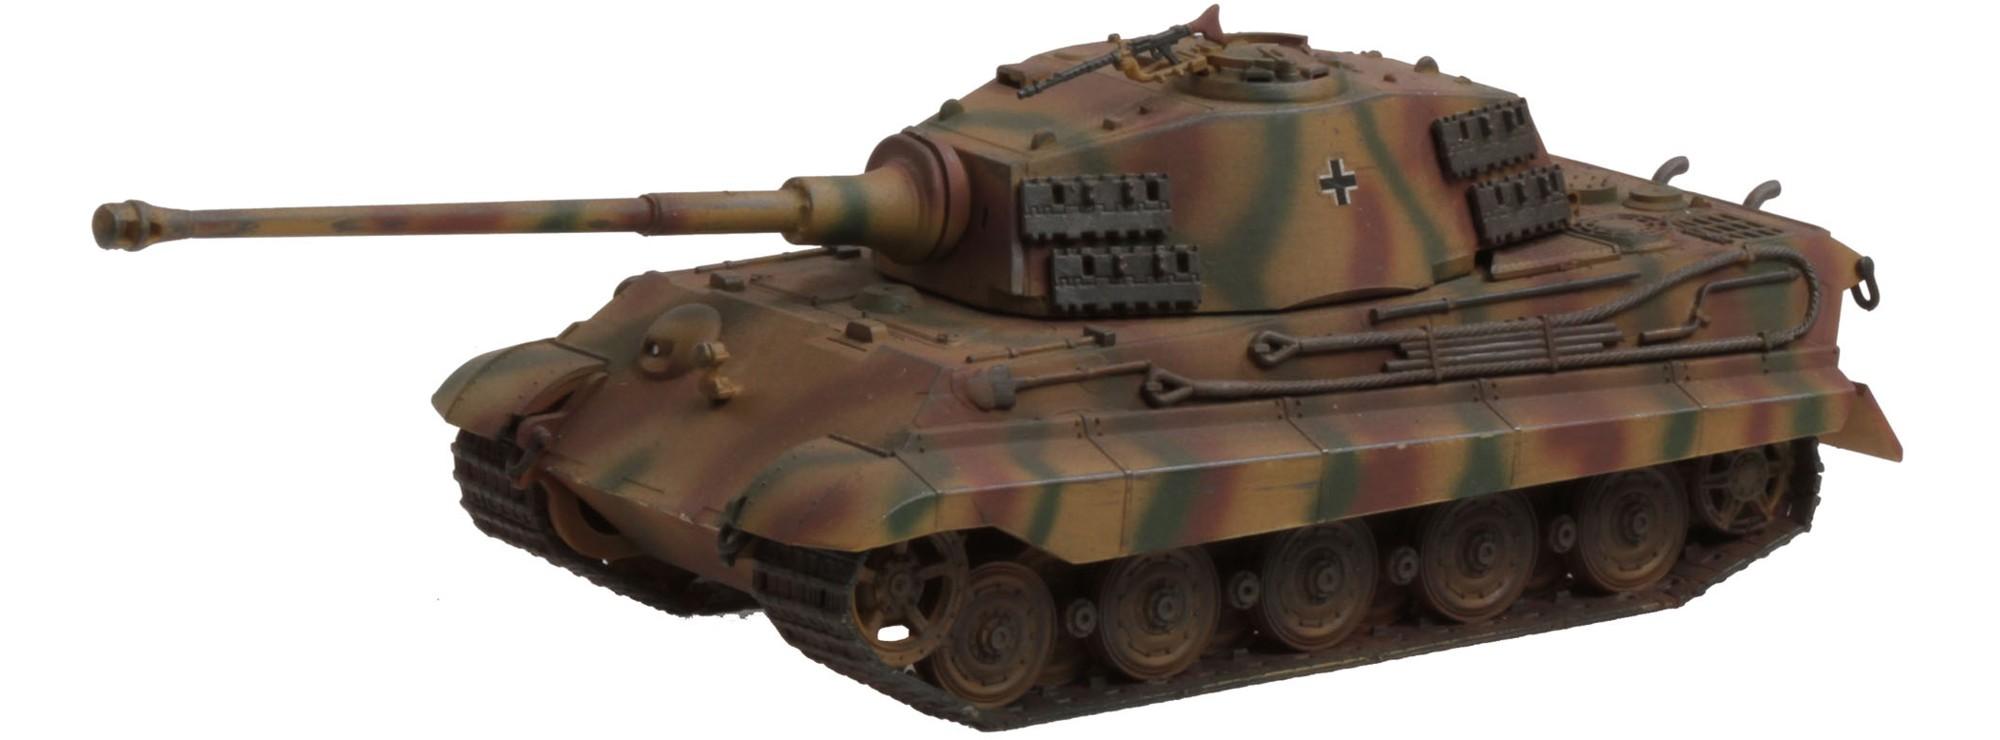 Revell 03129 Tiger Ii Ausf B Panzer Bausatz 172